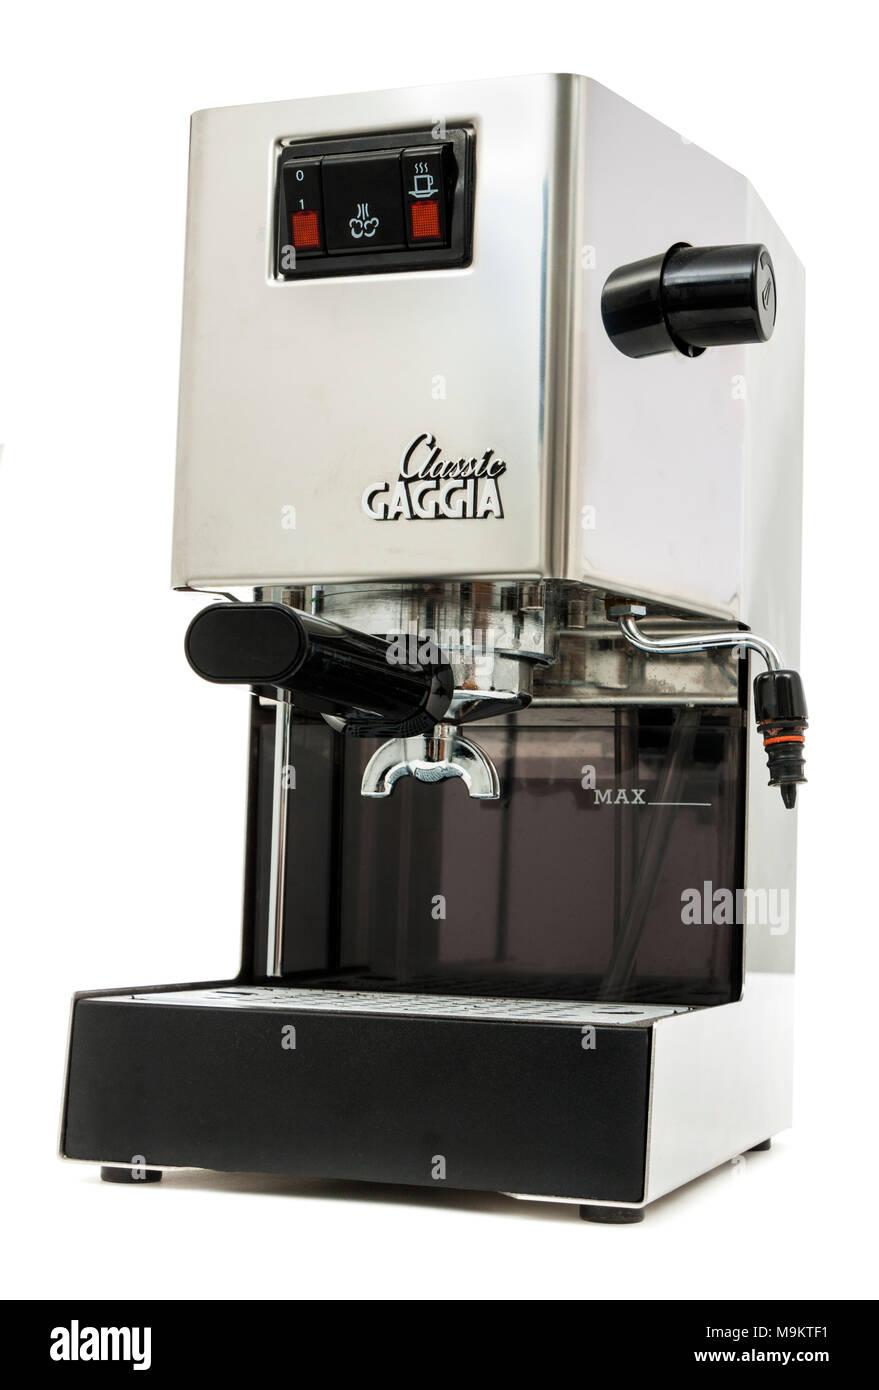 Gaggia Classic Semi Professional Manual Espresso Coffee Machine